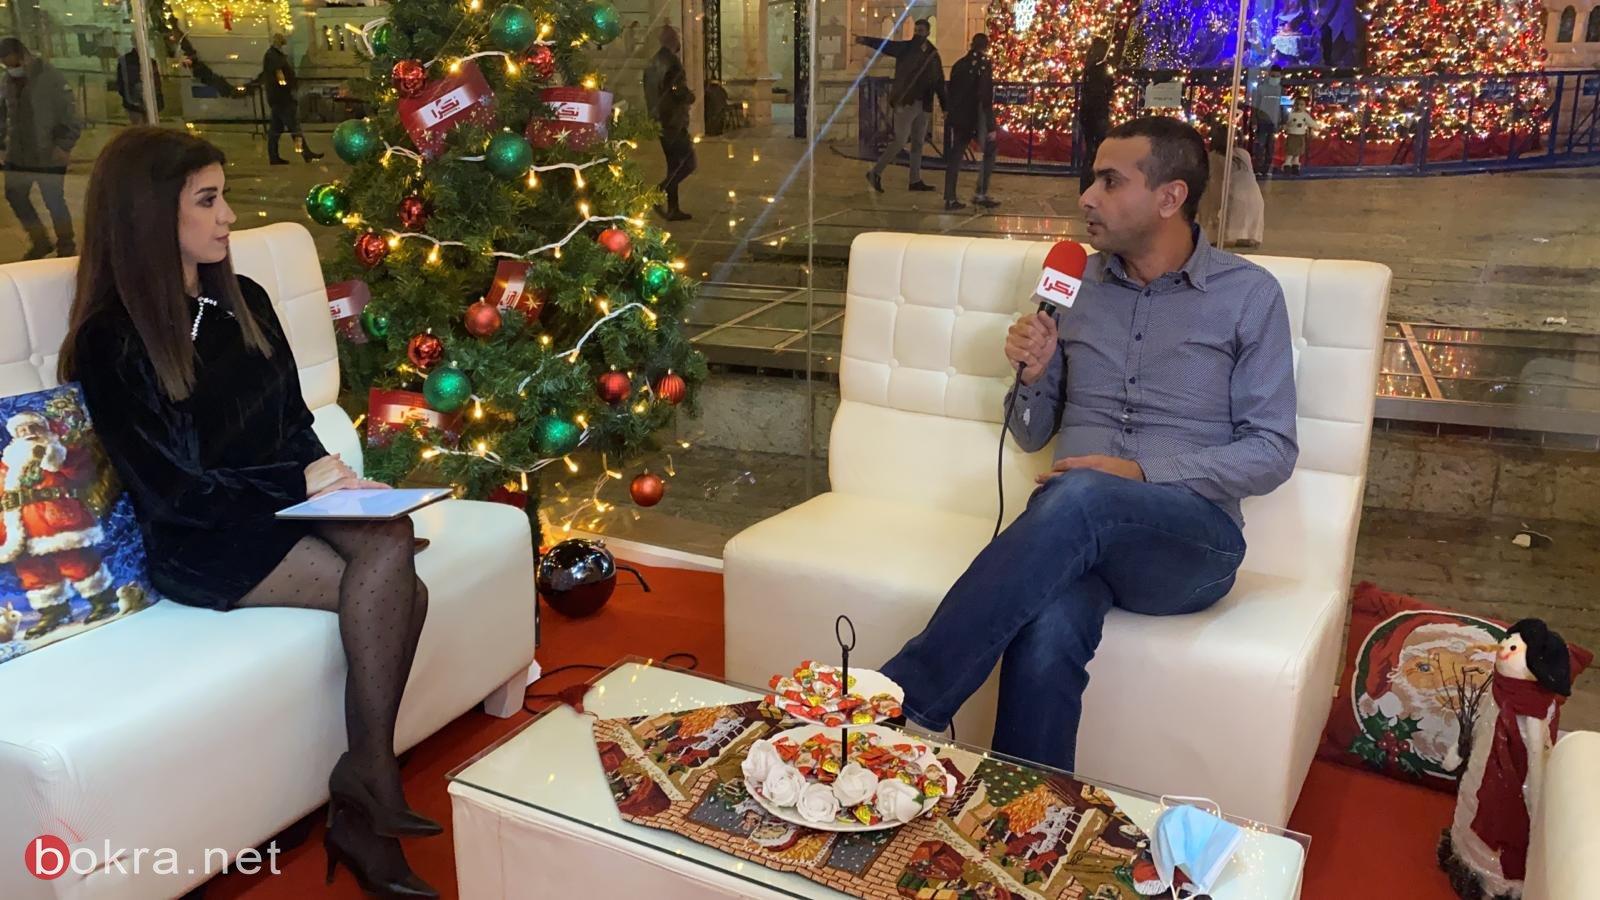 """اليوم اختتام فعاليات ستوديو كريسماس بكرا""""، مقابلات حصرية وخاصة-3"""